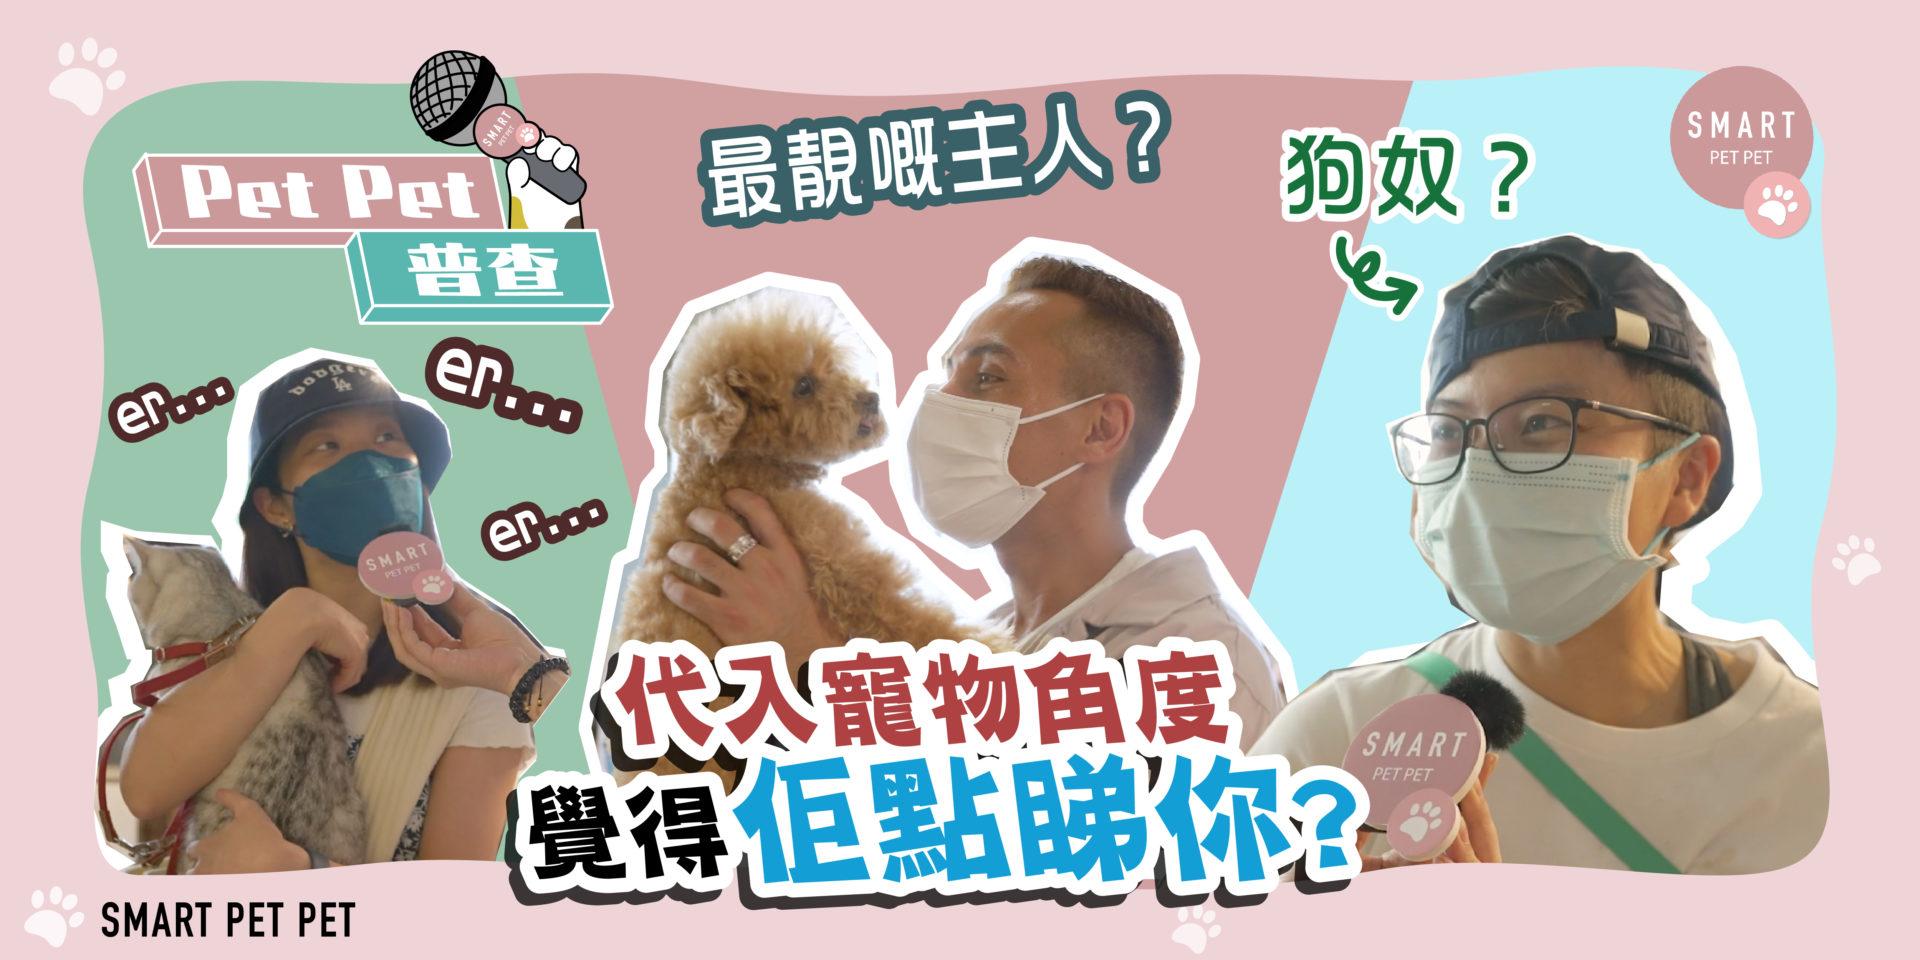 petpet普查-街訪-寵物角度_banner